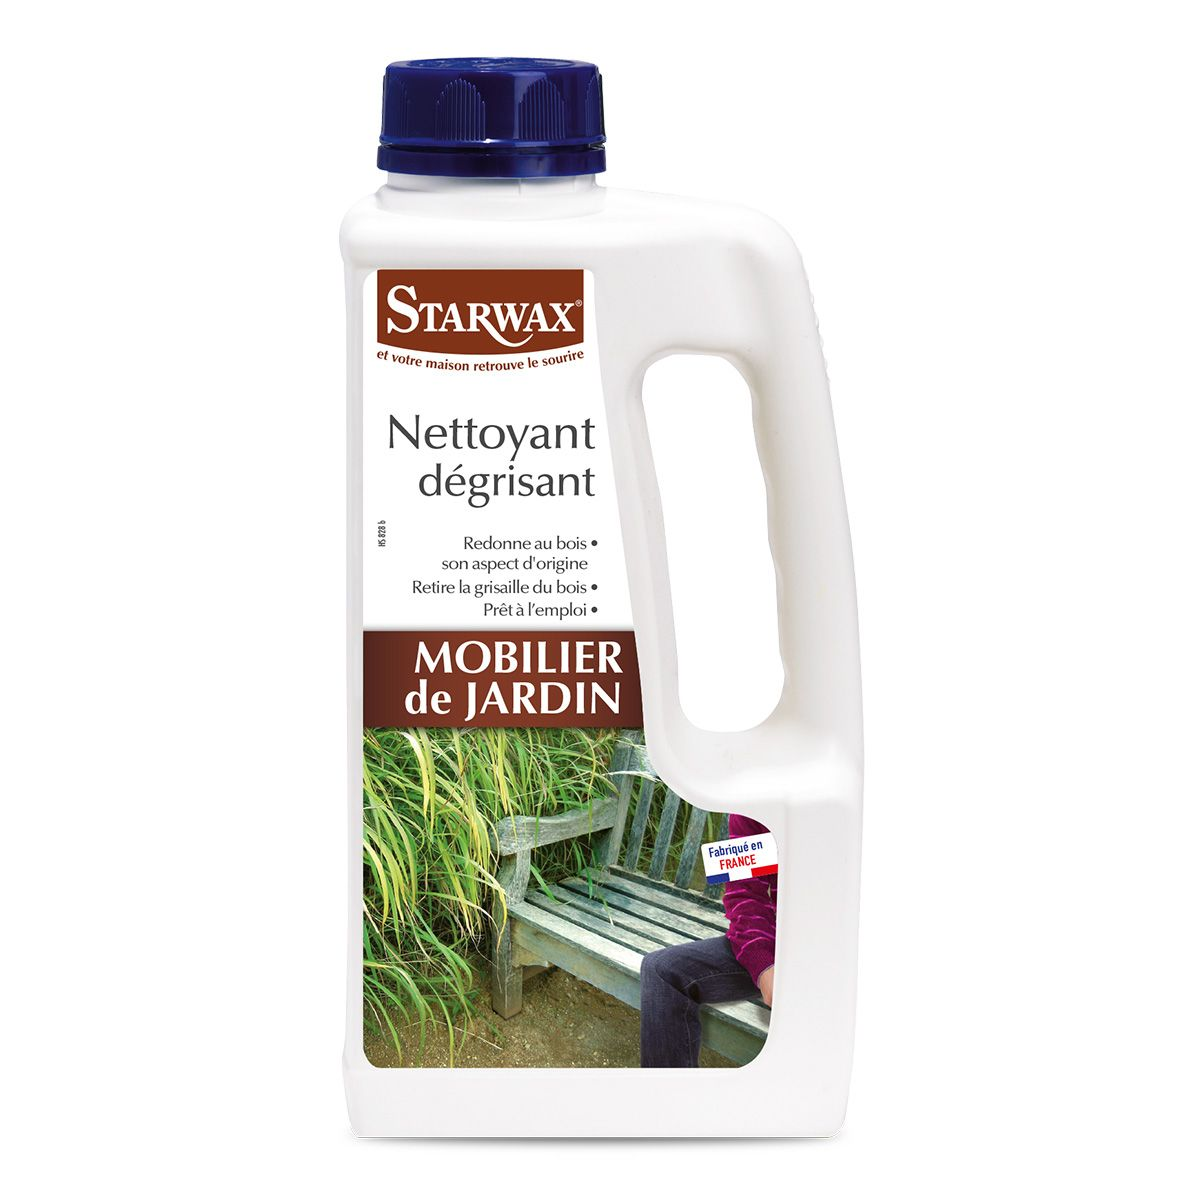 Nettoyant dégrisant pour teck et bois exotiques - Starwax